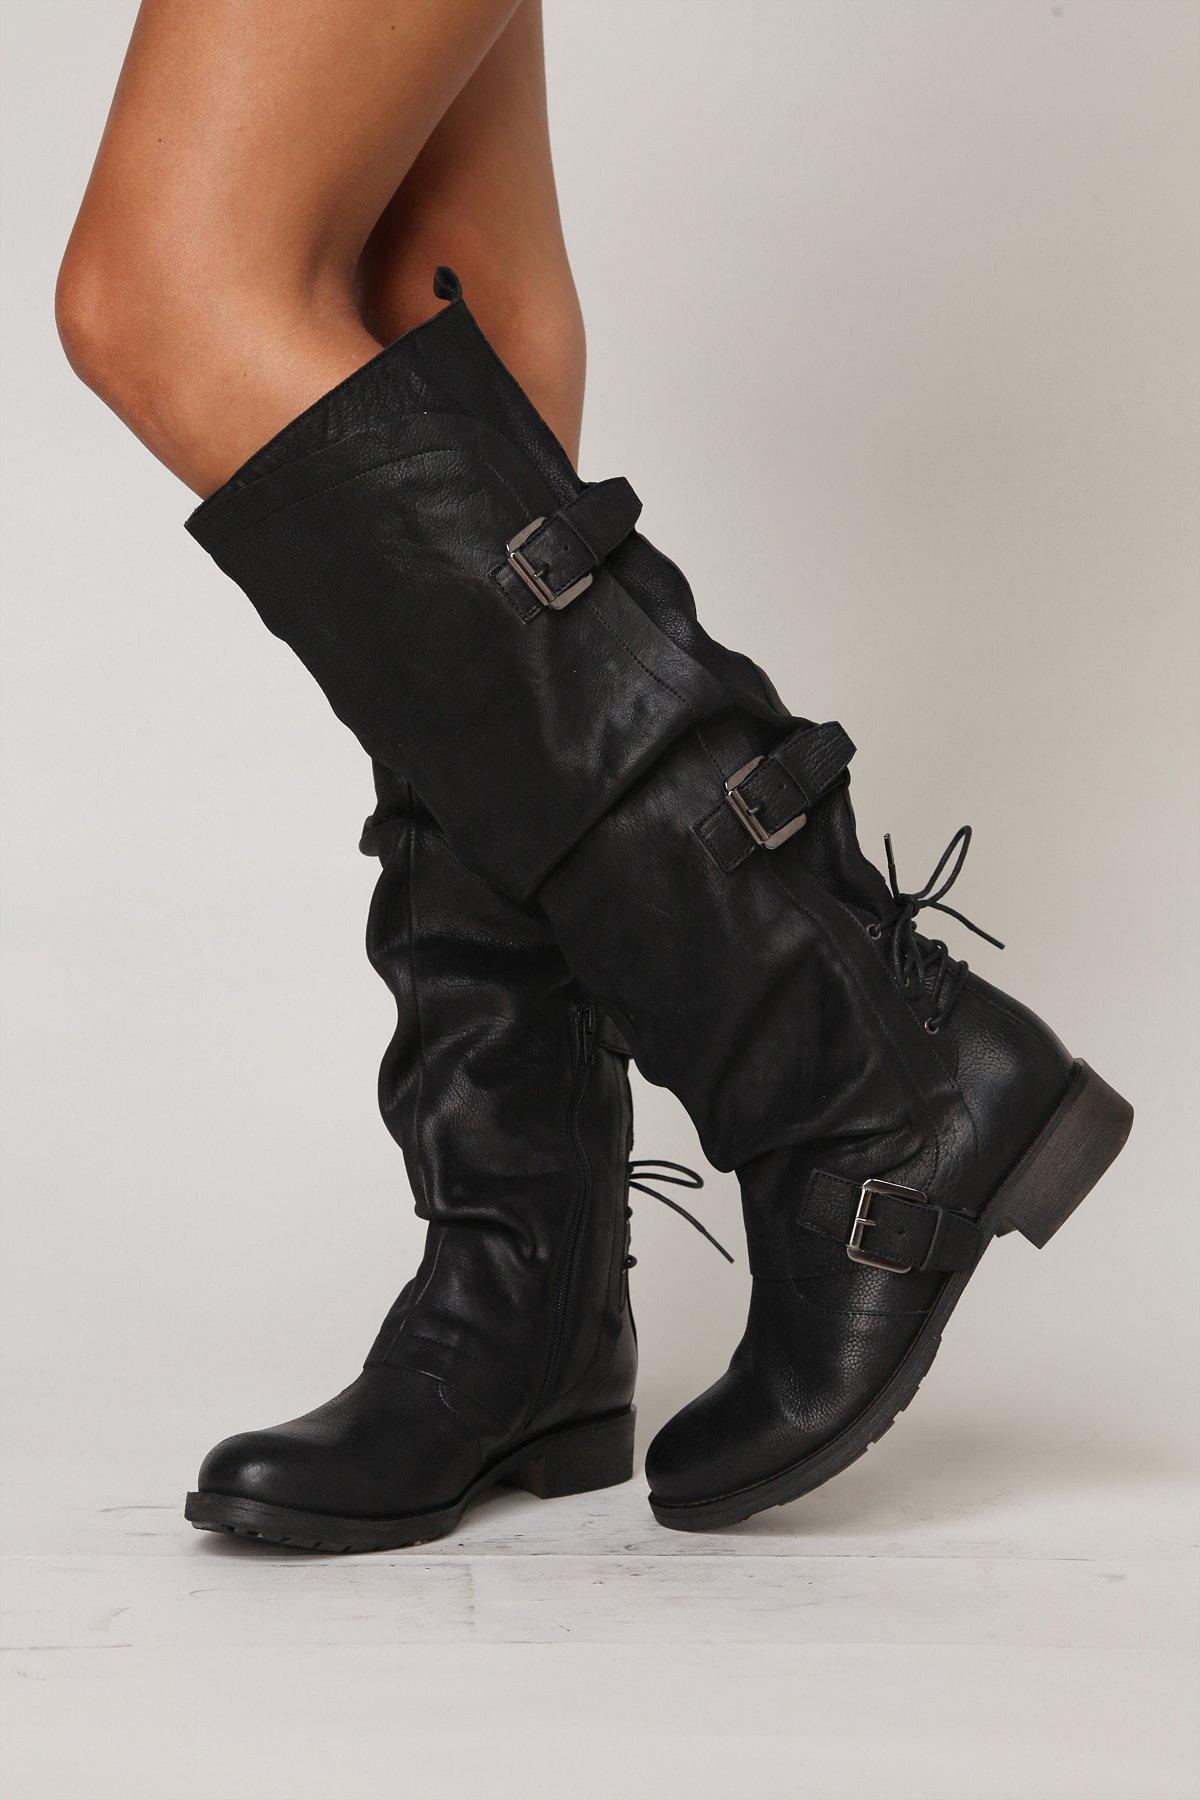 Marl Buckle Tall Boot